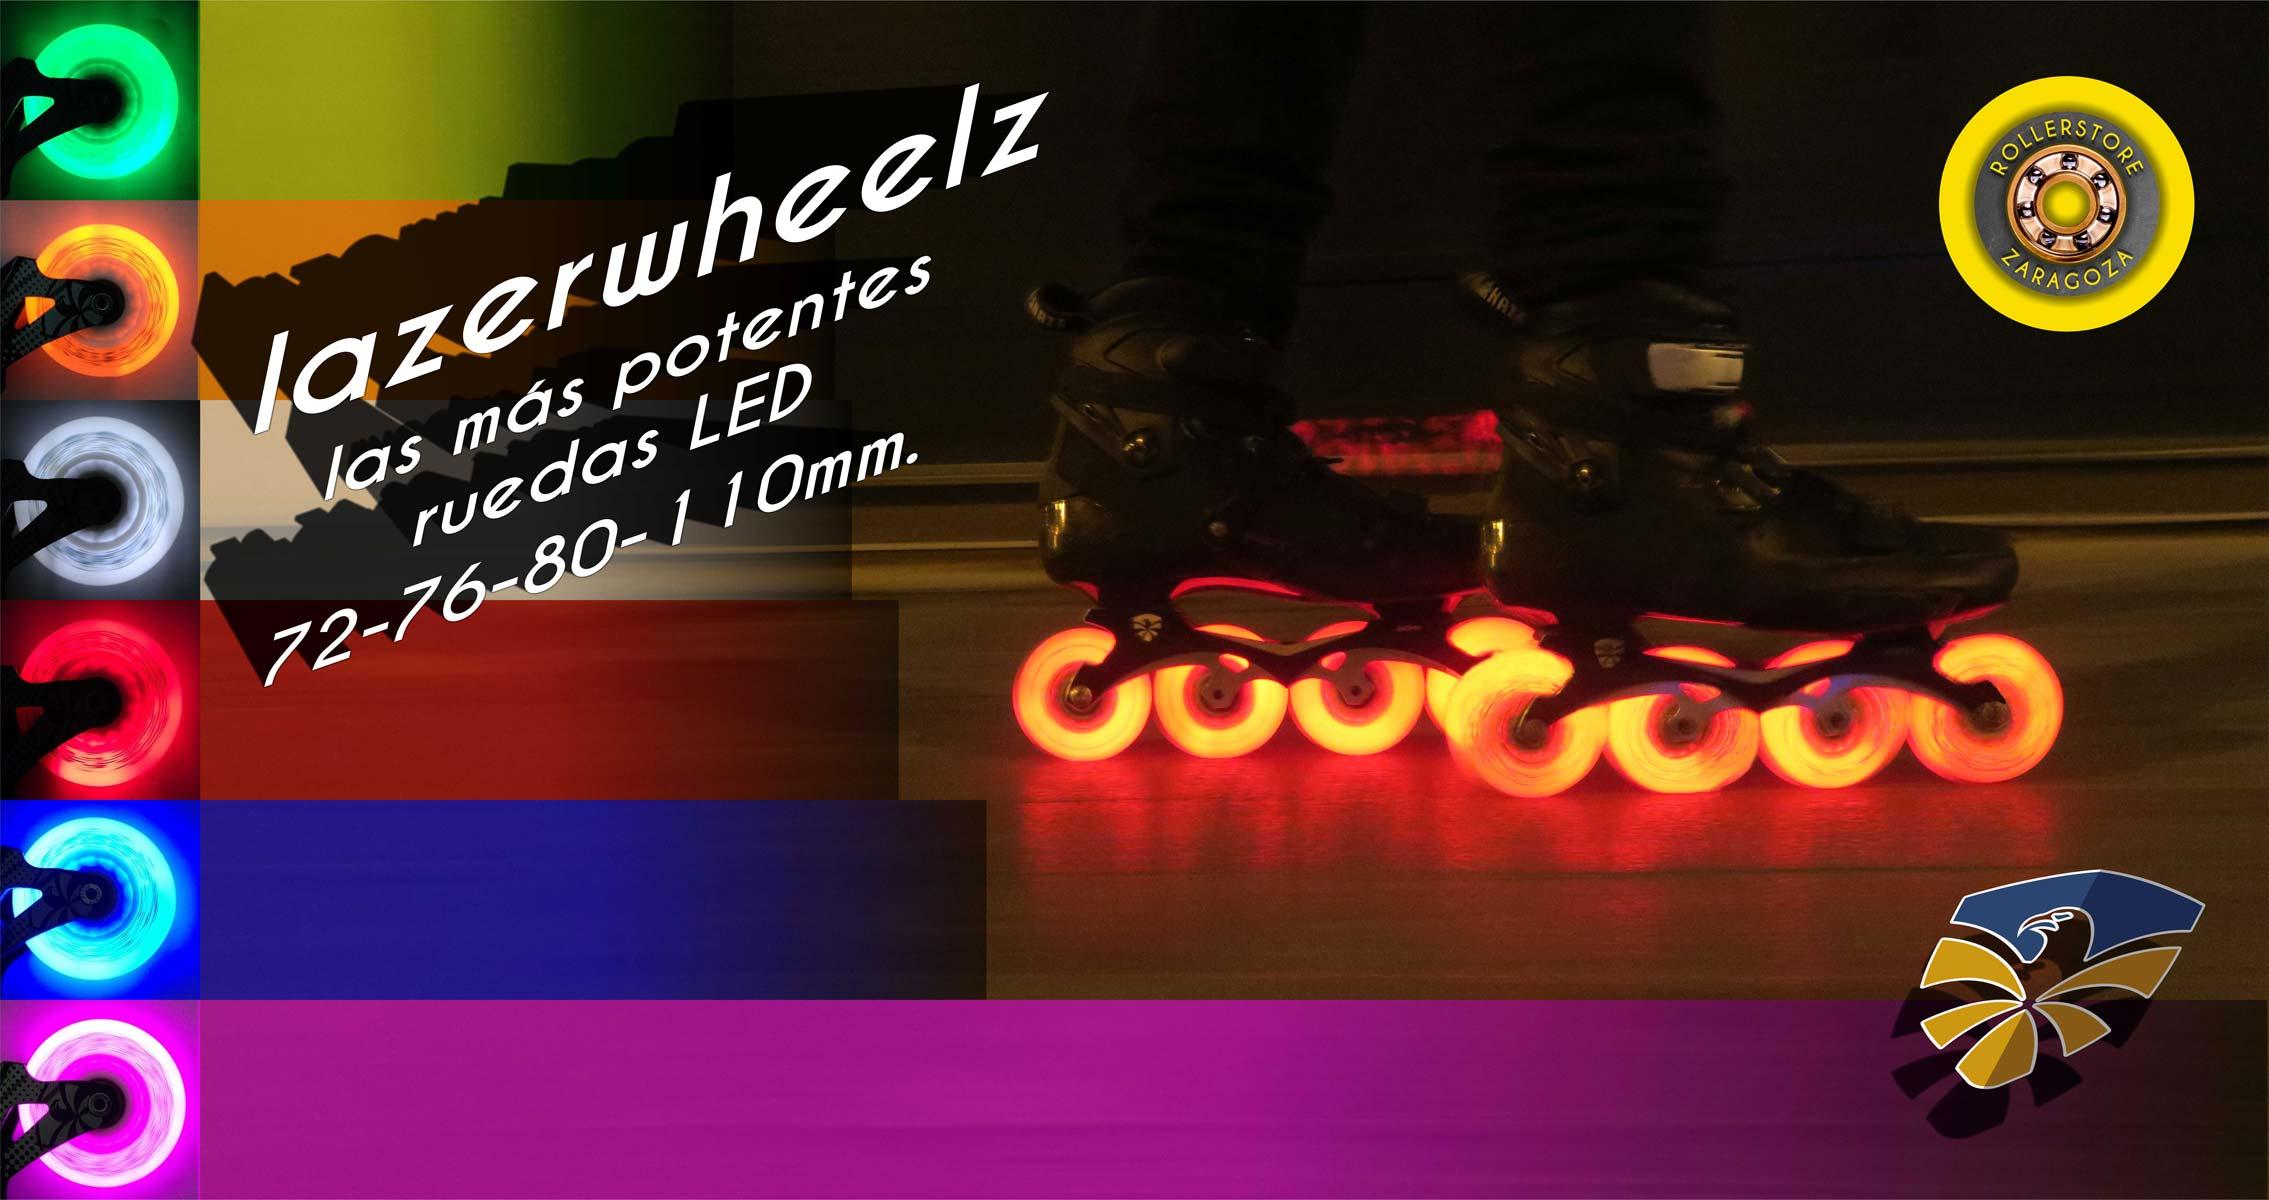 Lazerwheelz-02-banner